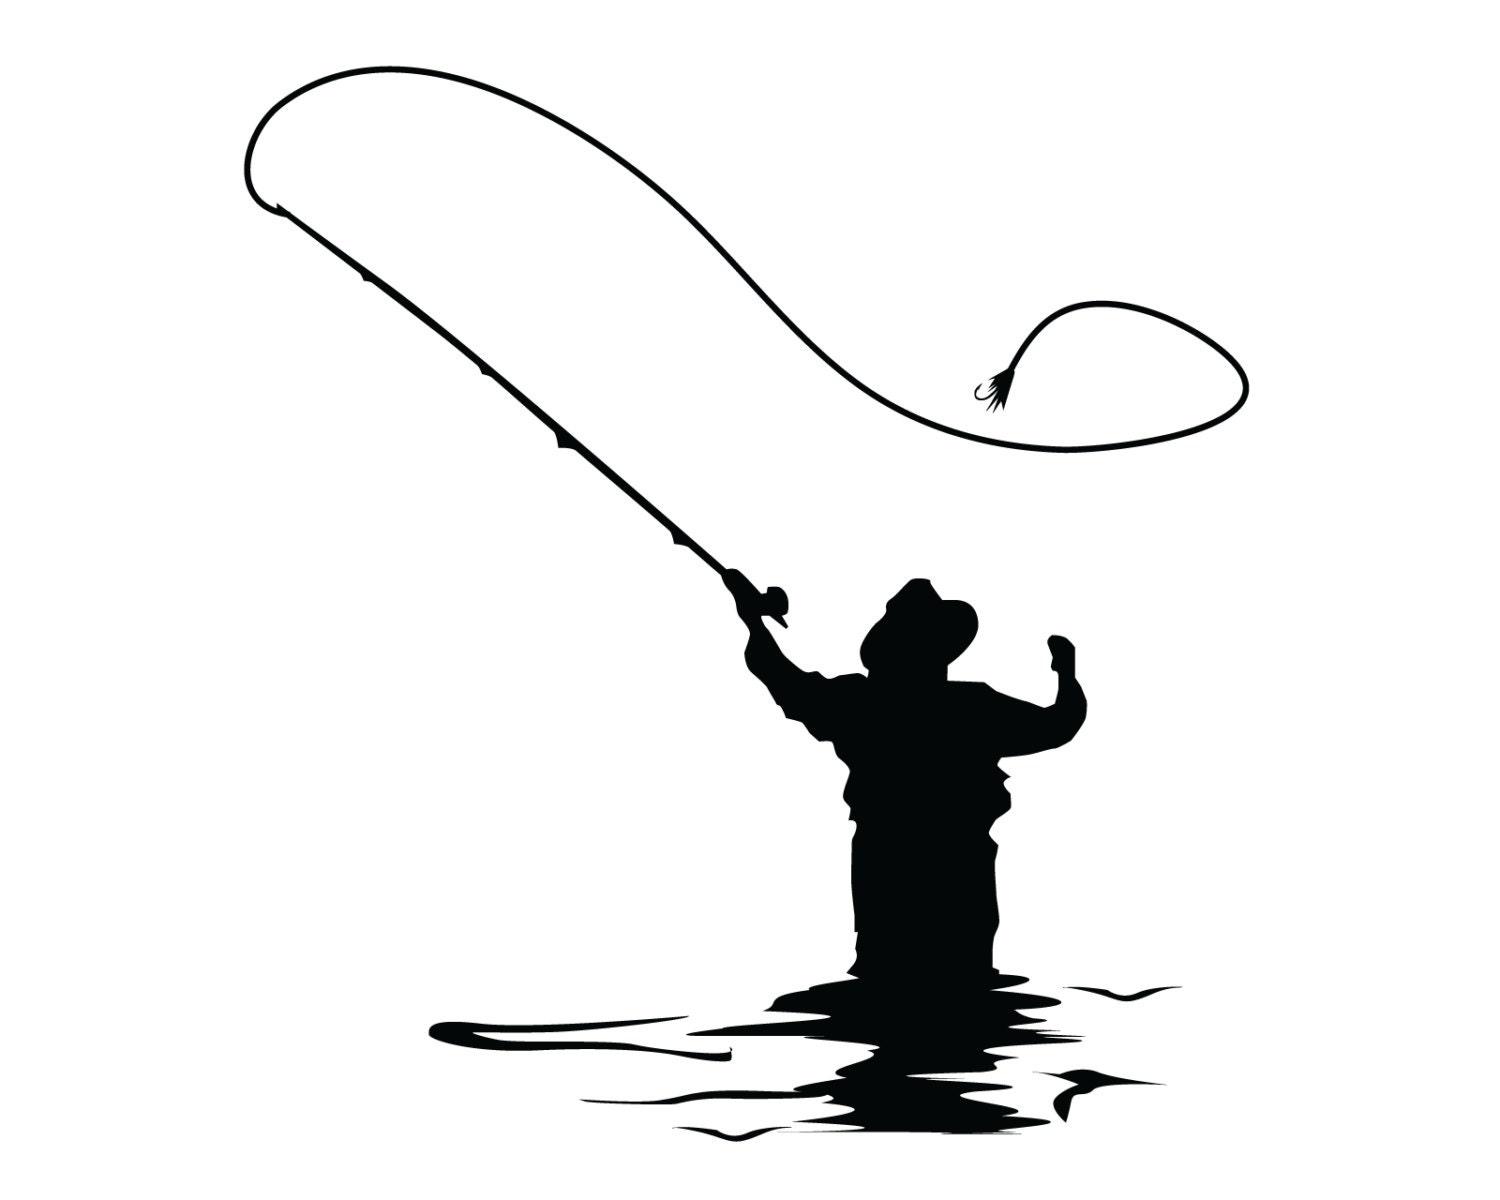 Fliegen Fischen Abziehbild fliegen Fisch Aufkleber | Etsy